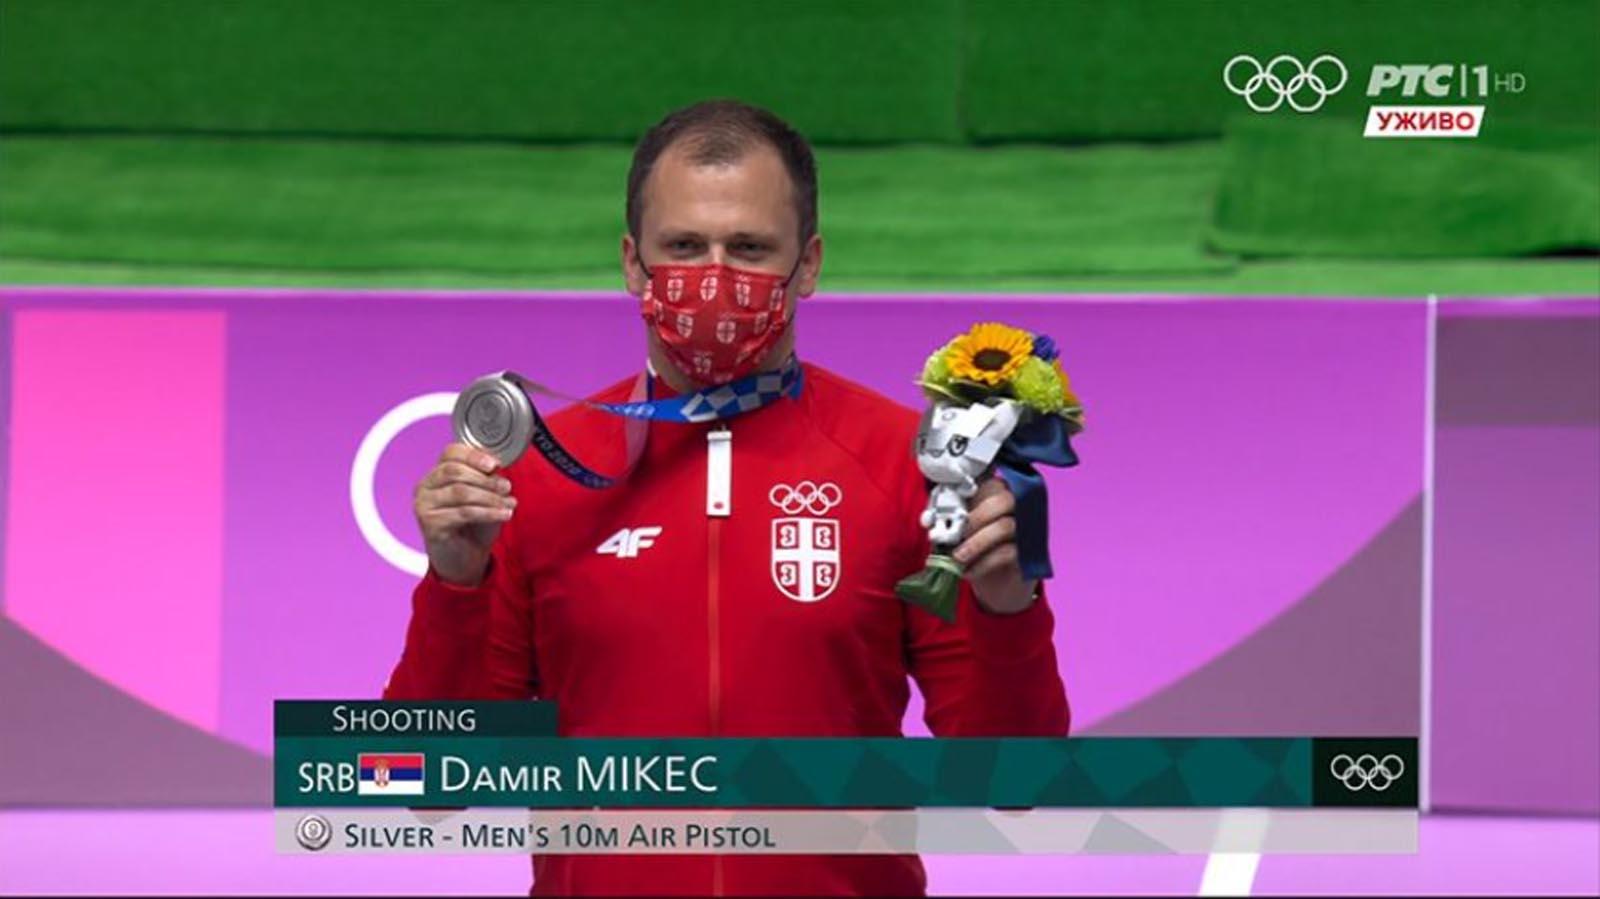 Olimpijske igre: Srebro za Damira Mikeca u Tokiju!